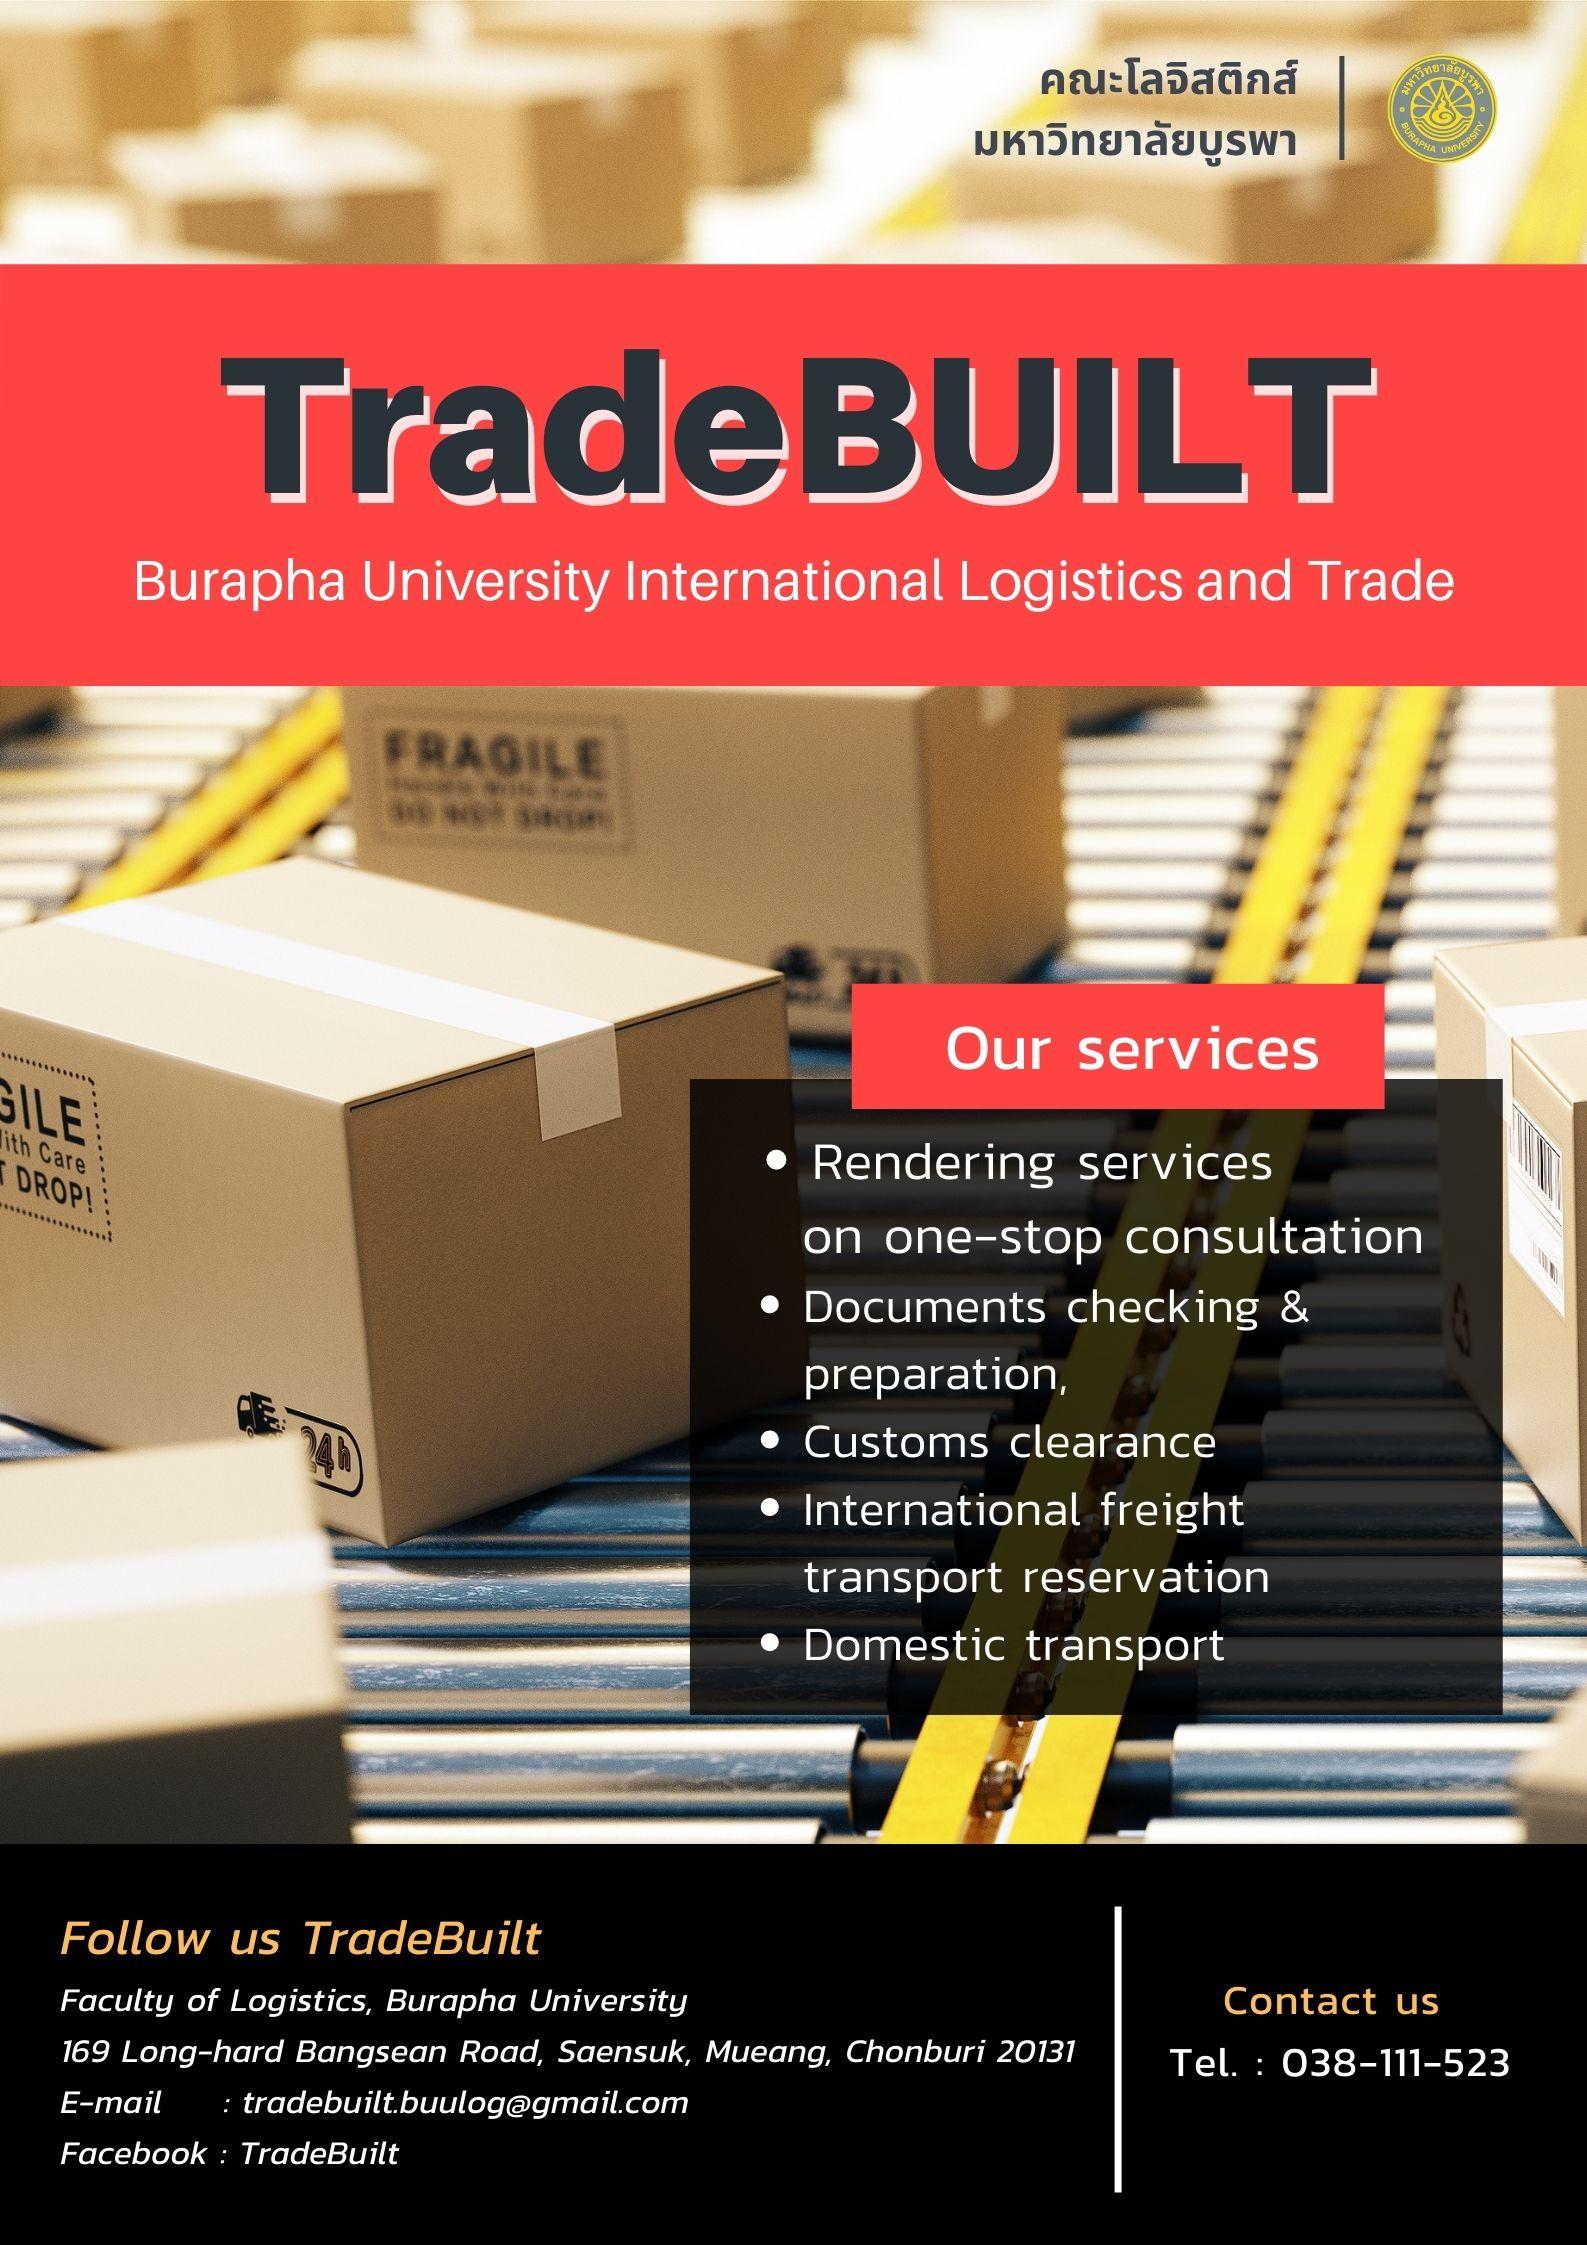 โครงการจัดตั้งศูนย์บริการการค้าระหว่างประเทศ TradeBUILT